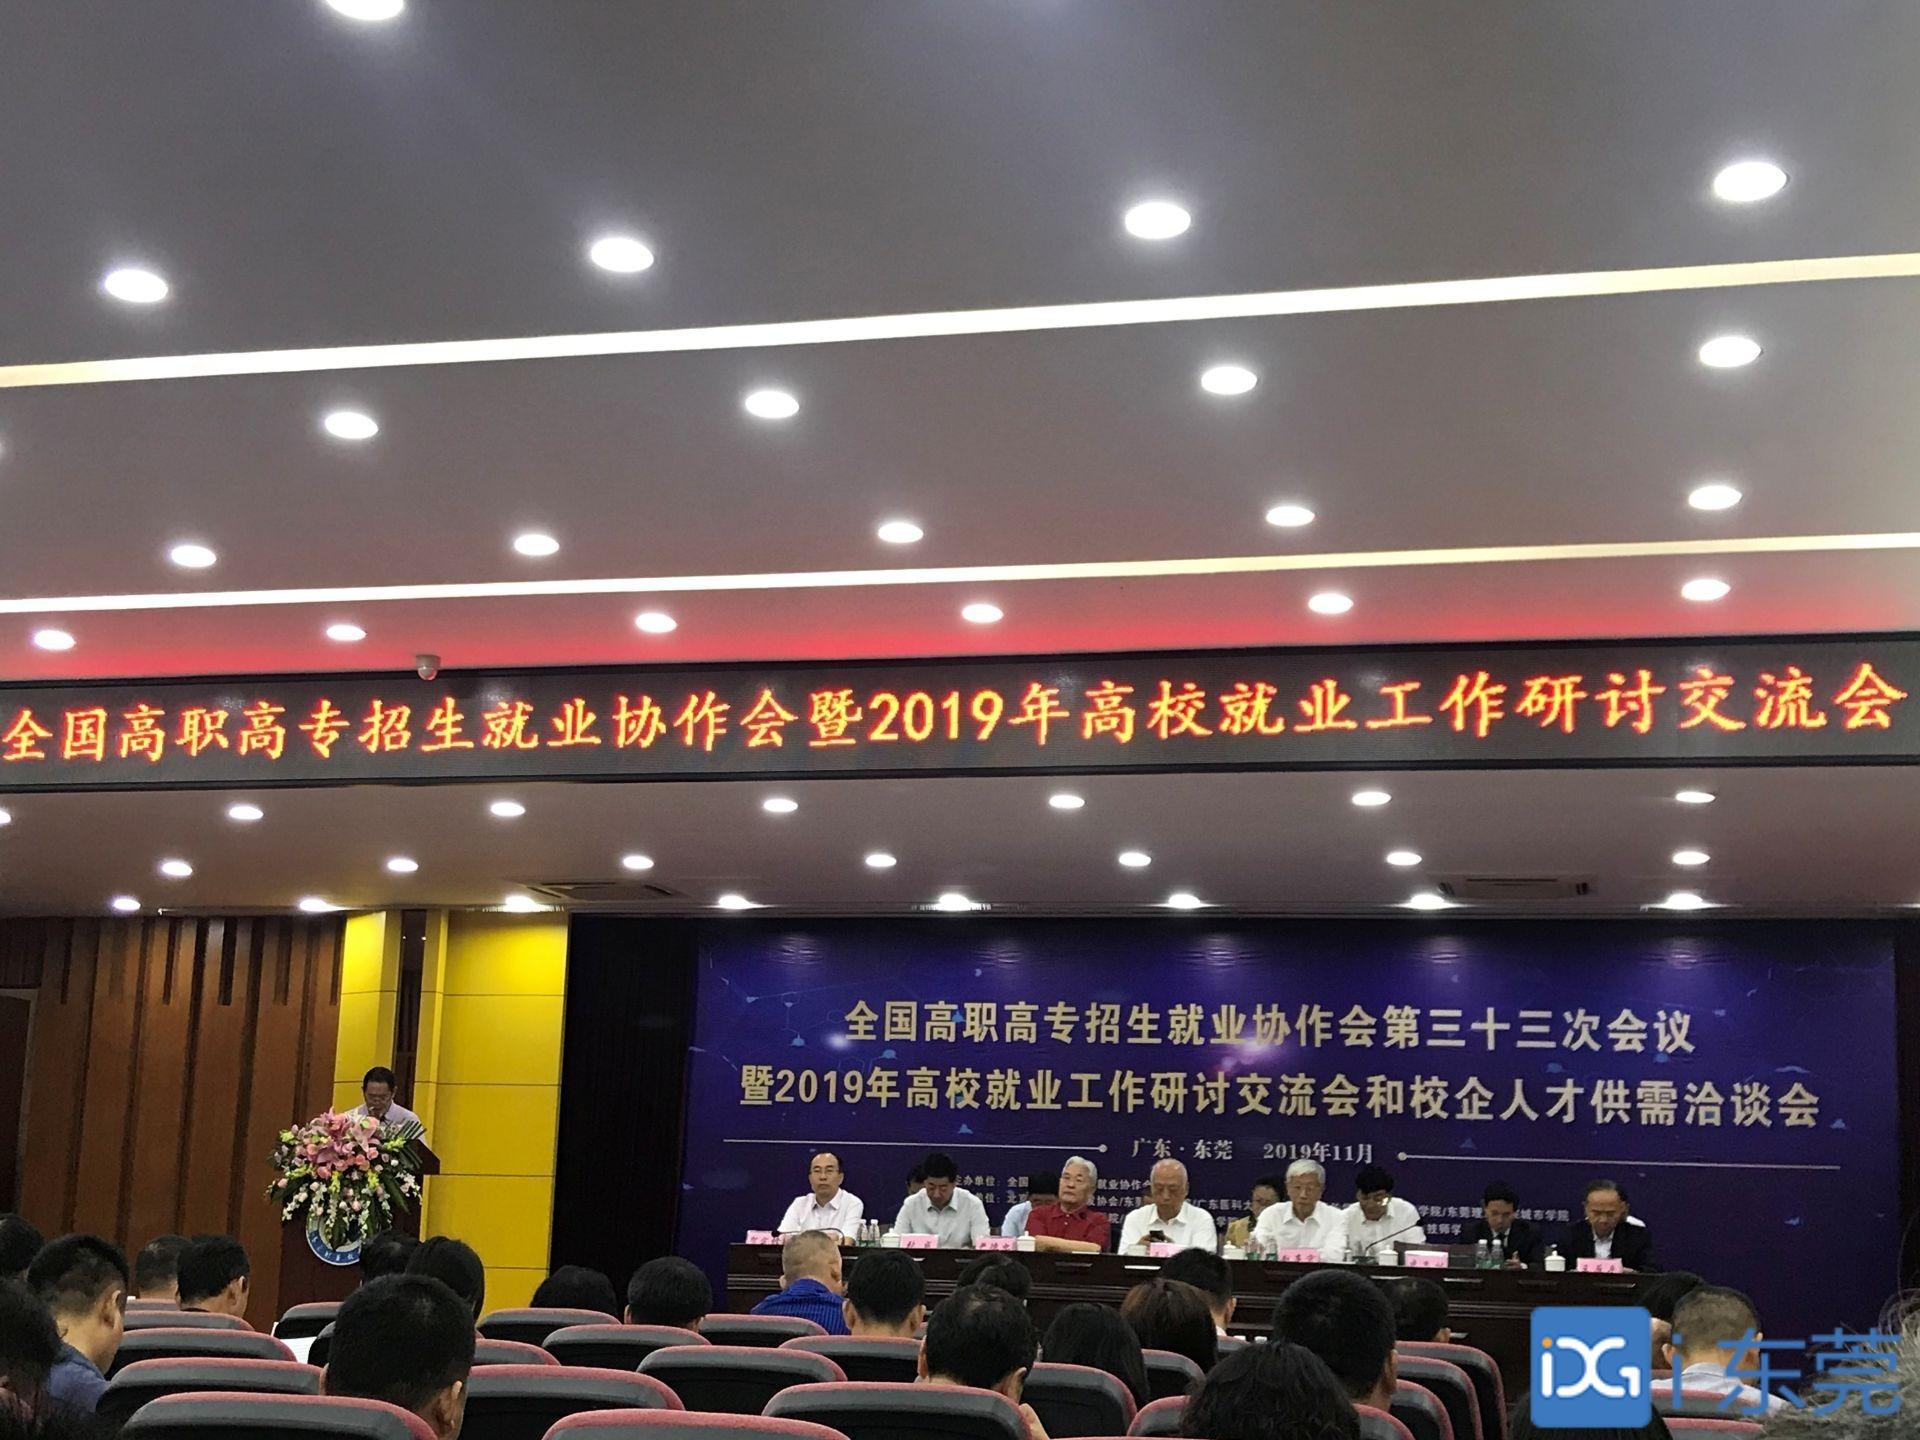 全国高职高专招生就业协作会第三十三次会议在莞举行